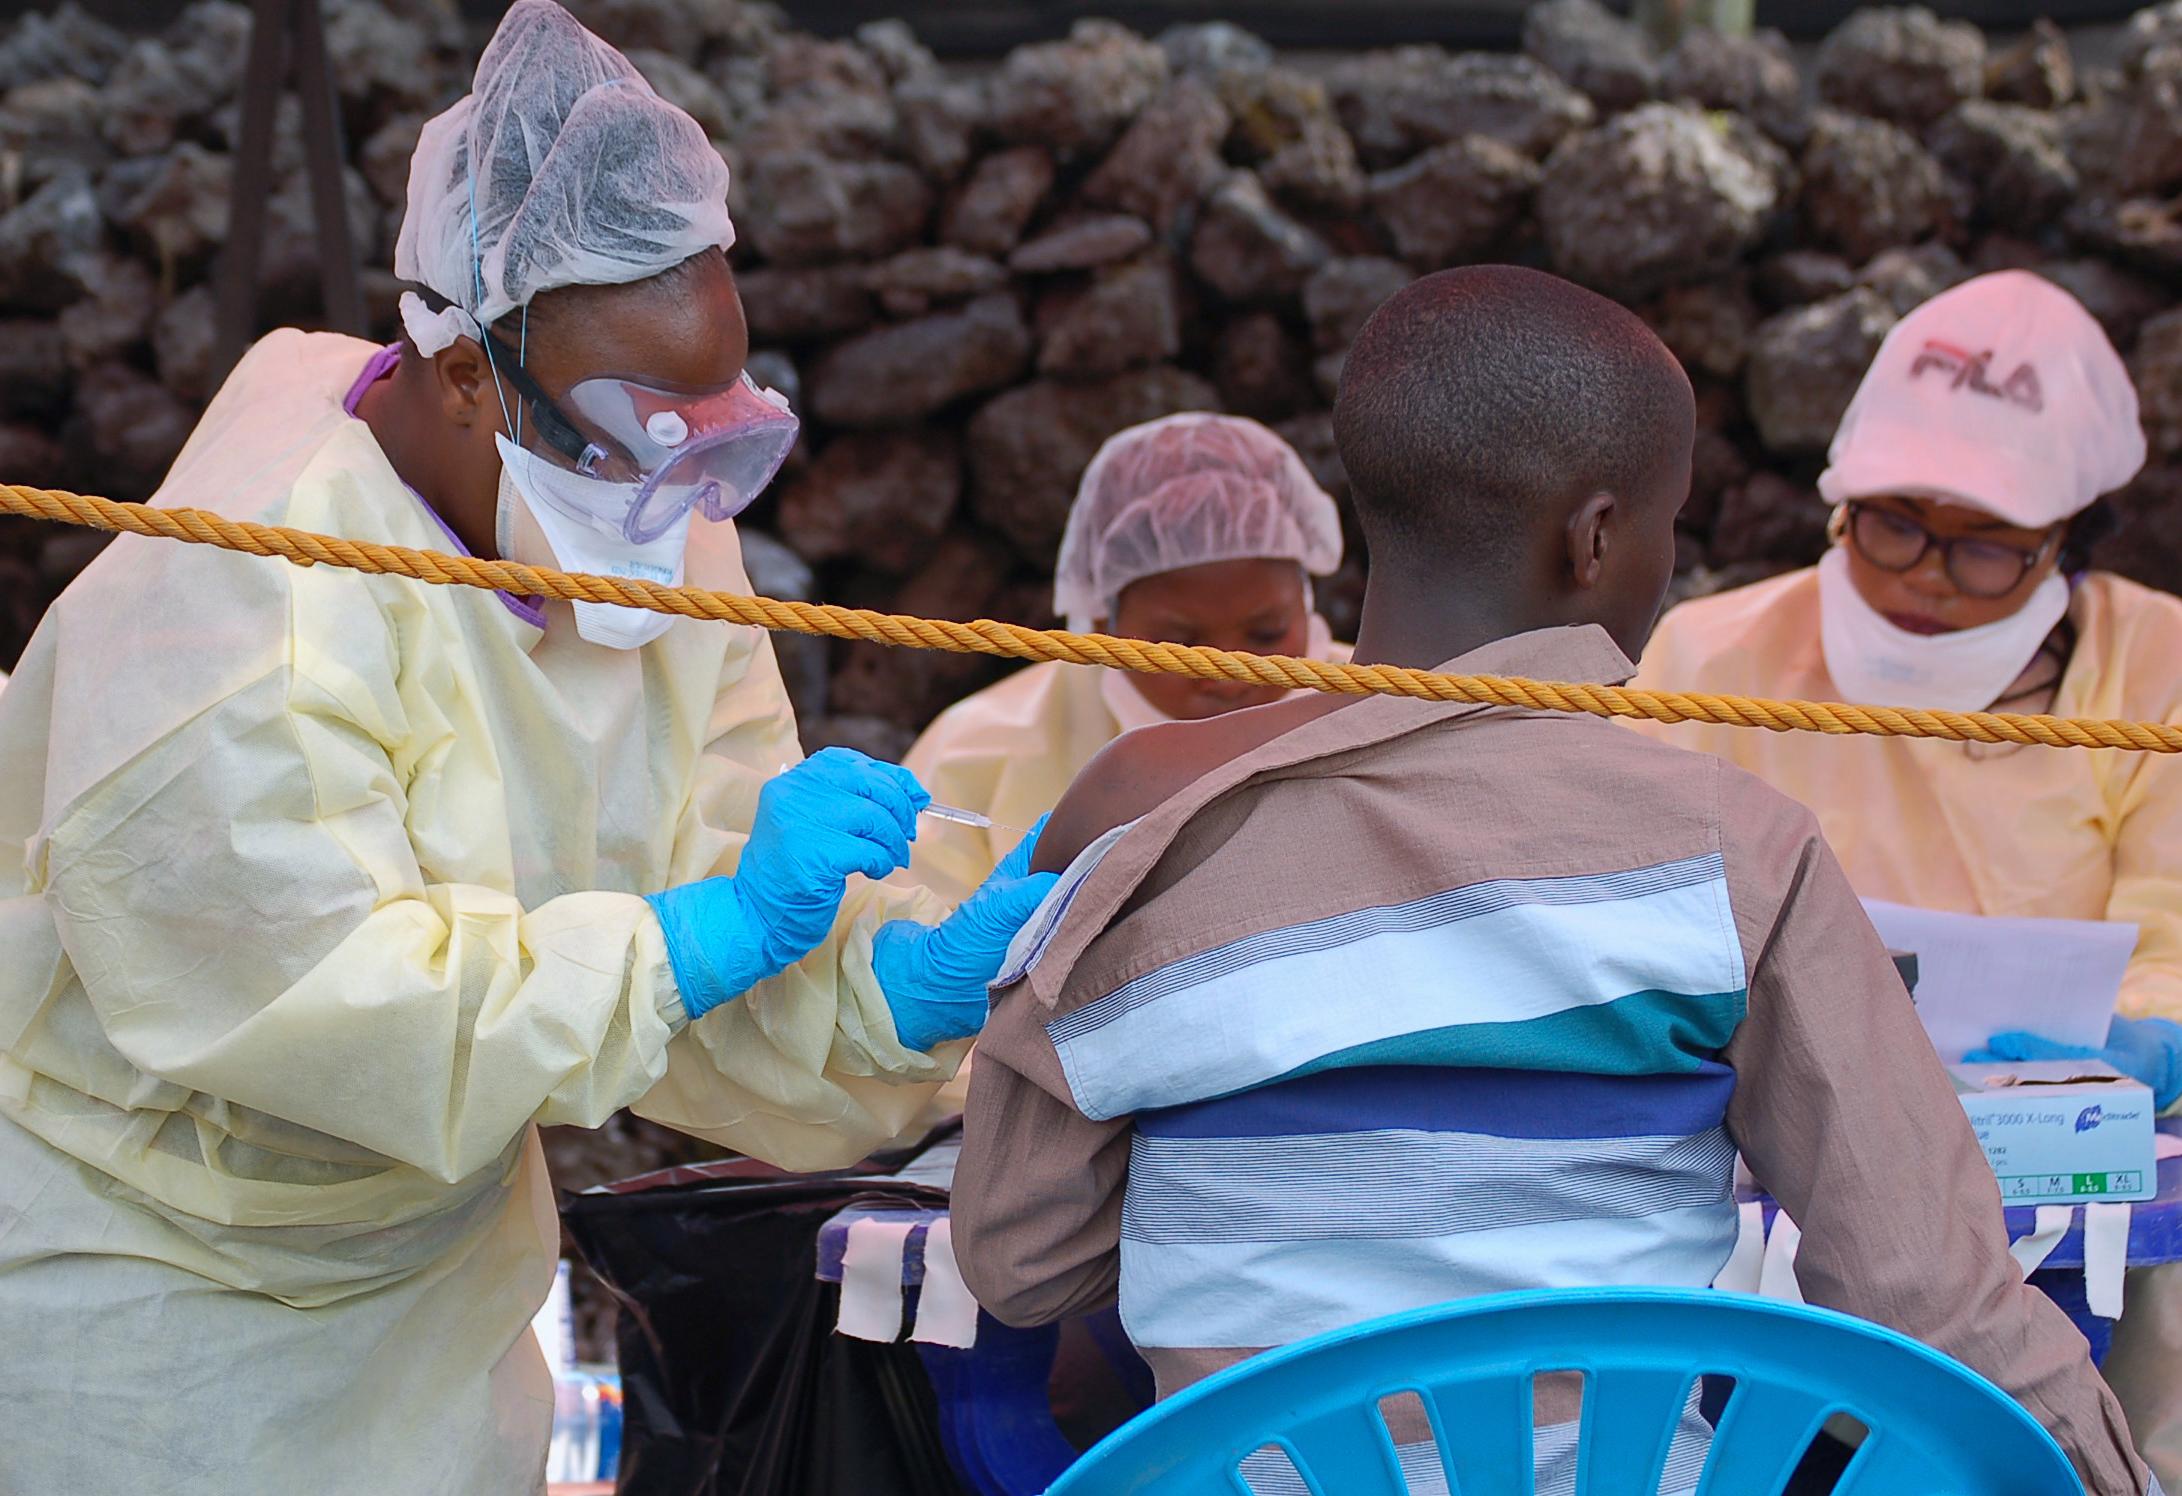 Otthonában gyilkoltak meg egy ebola ellen küzdő újságírót Kongóban